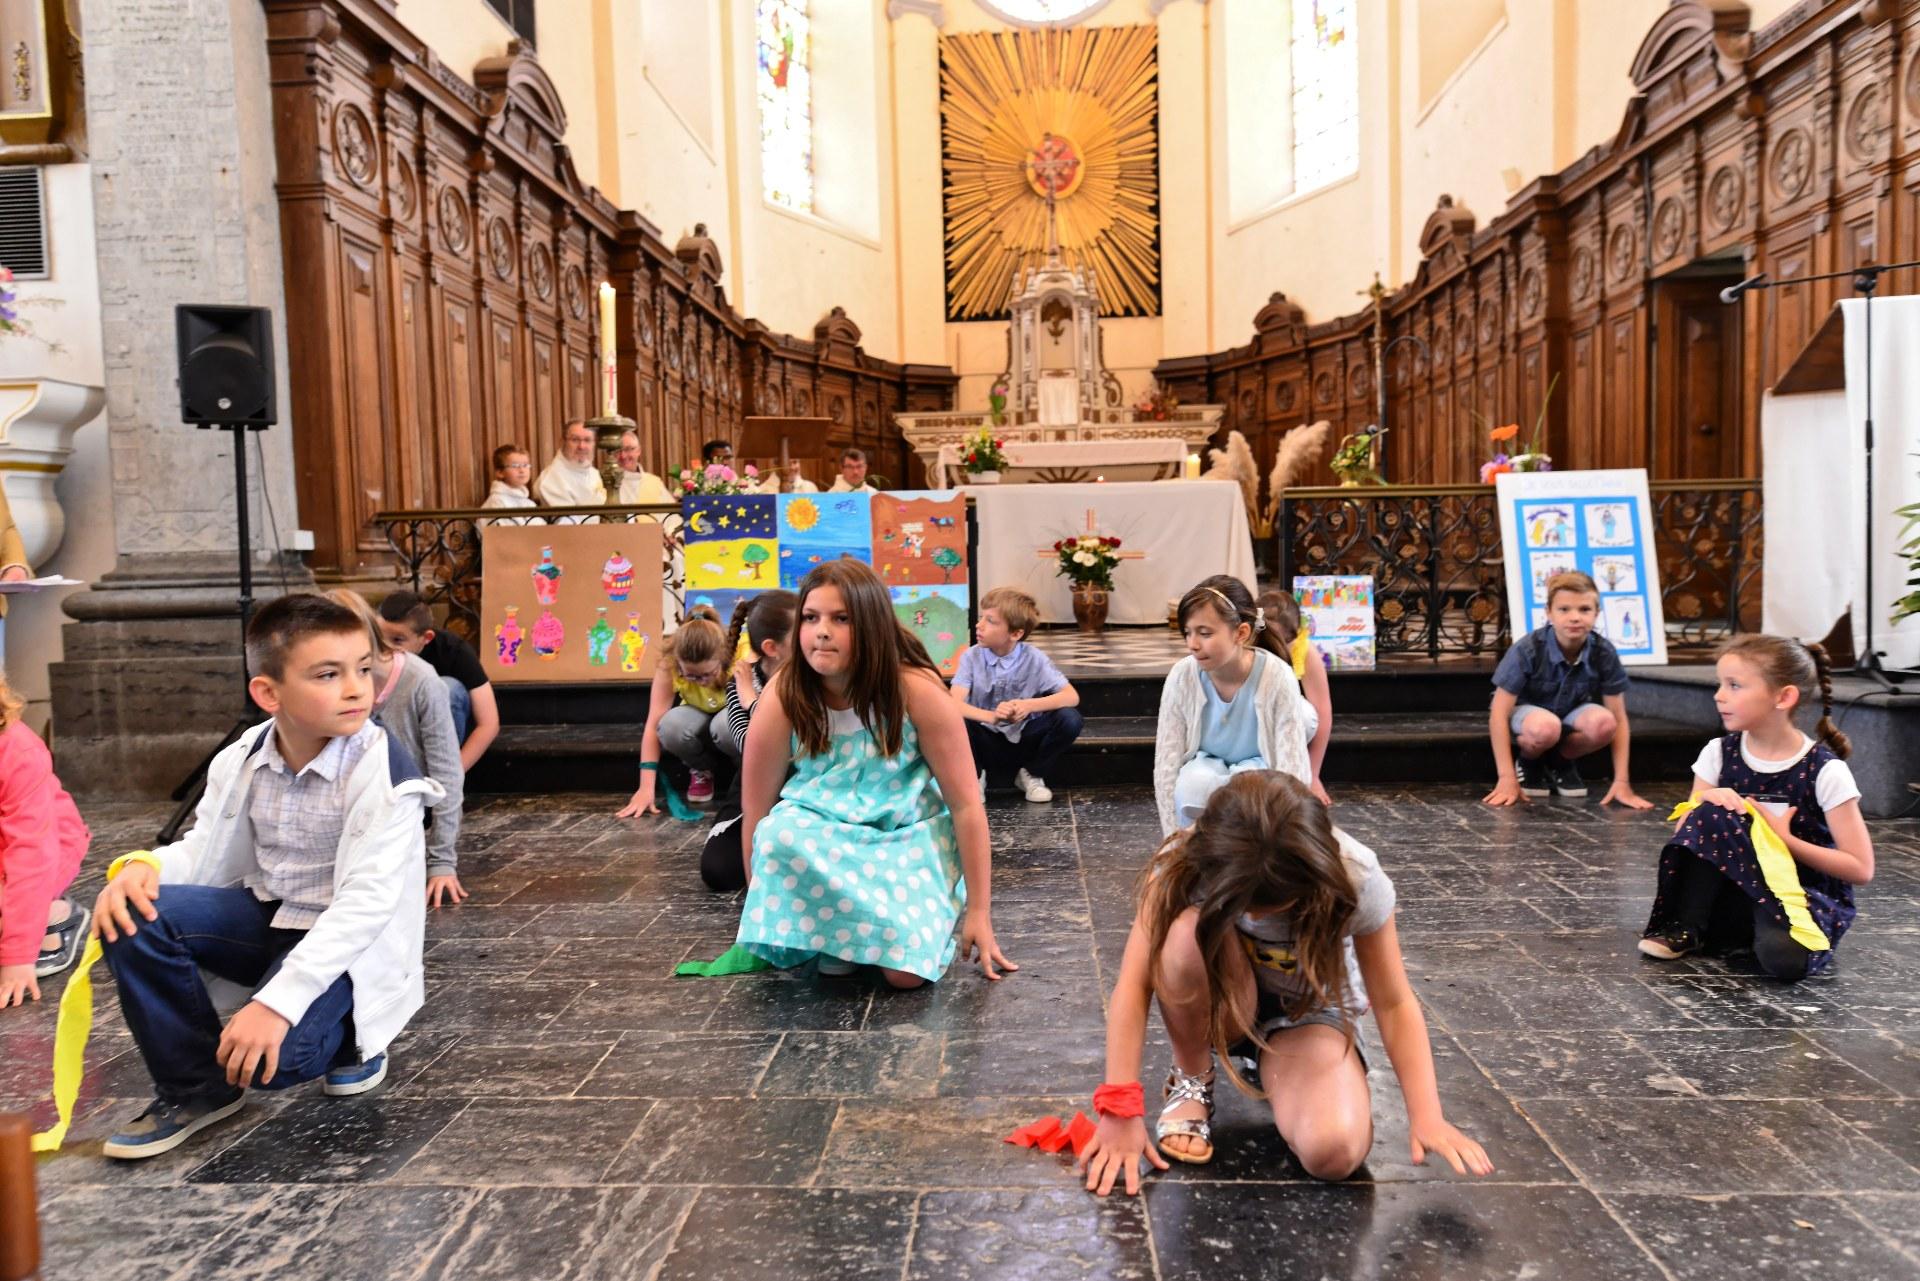 21 05 2017 Fete paroisse Bavay (03)